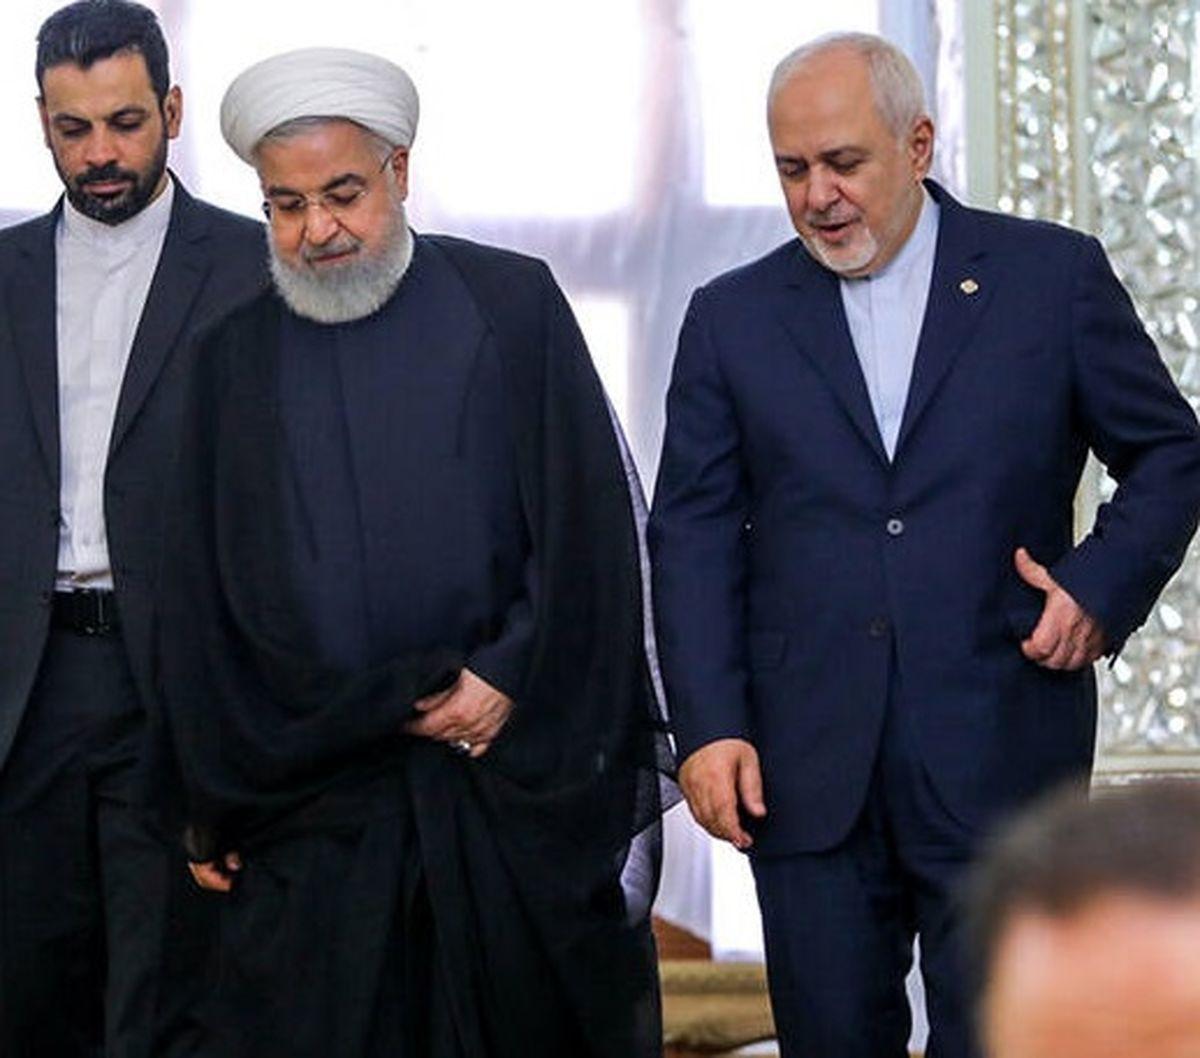 پیشبینی رسانه غربی از نتیجه انتخابات ریاست جمهوری در ایران